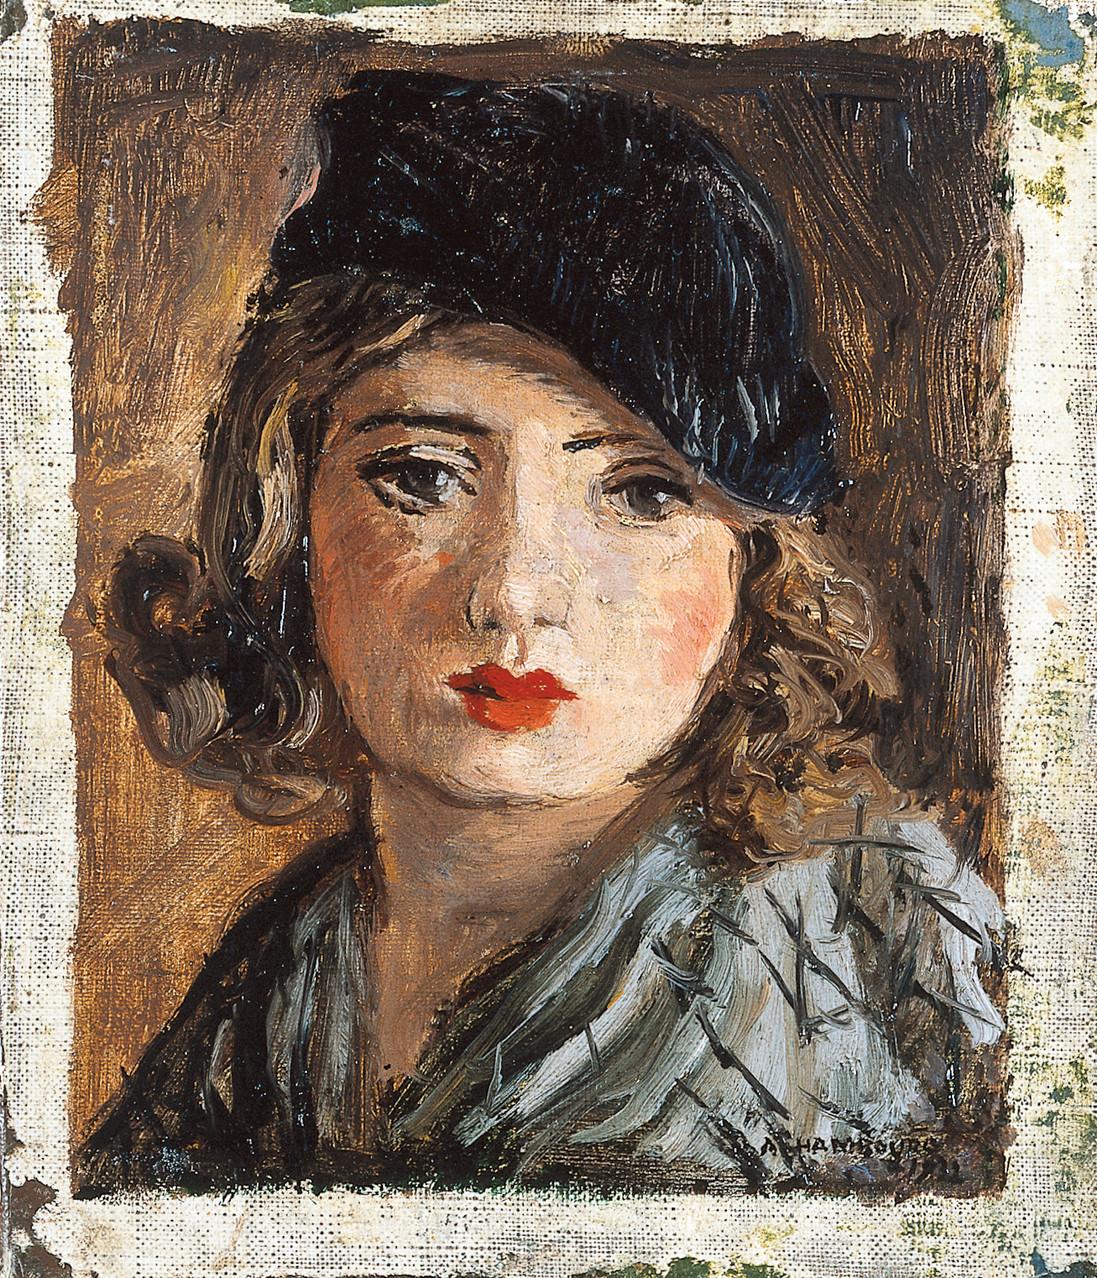 «La blonde au béret» 1932, 15,5cmx13cm, PO11